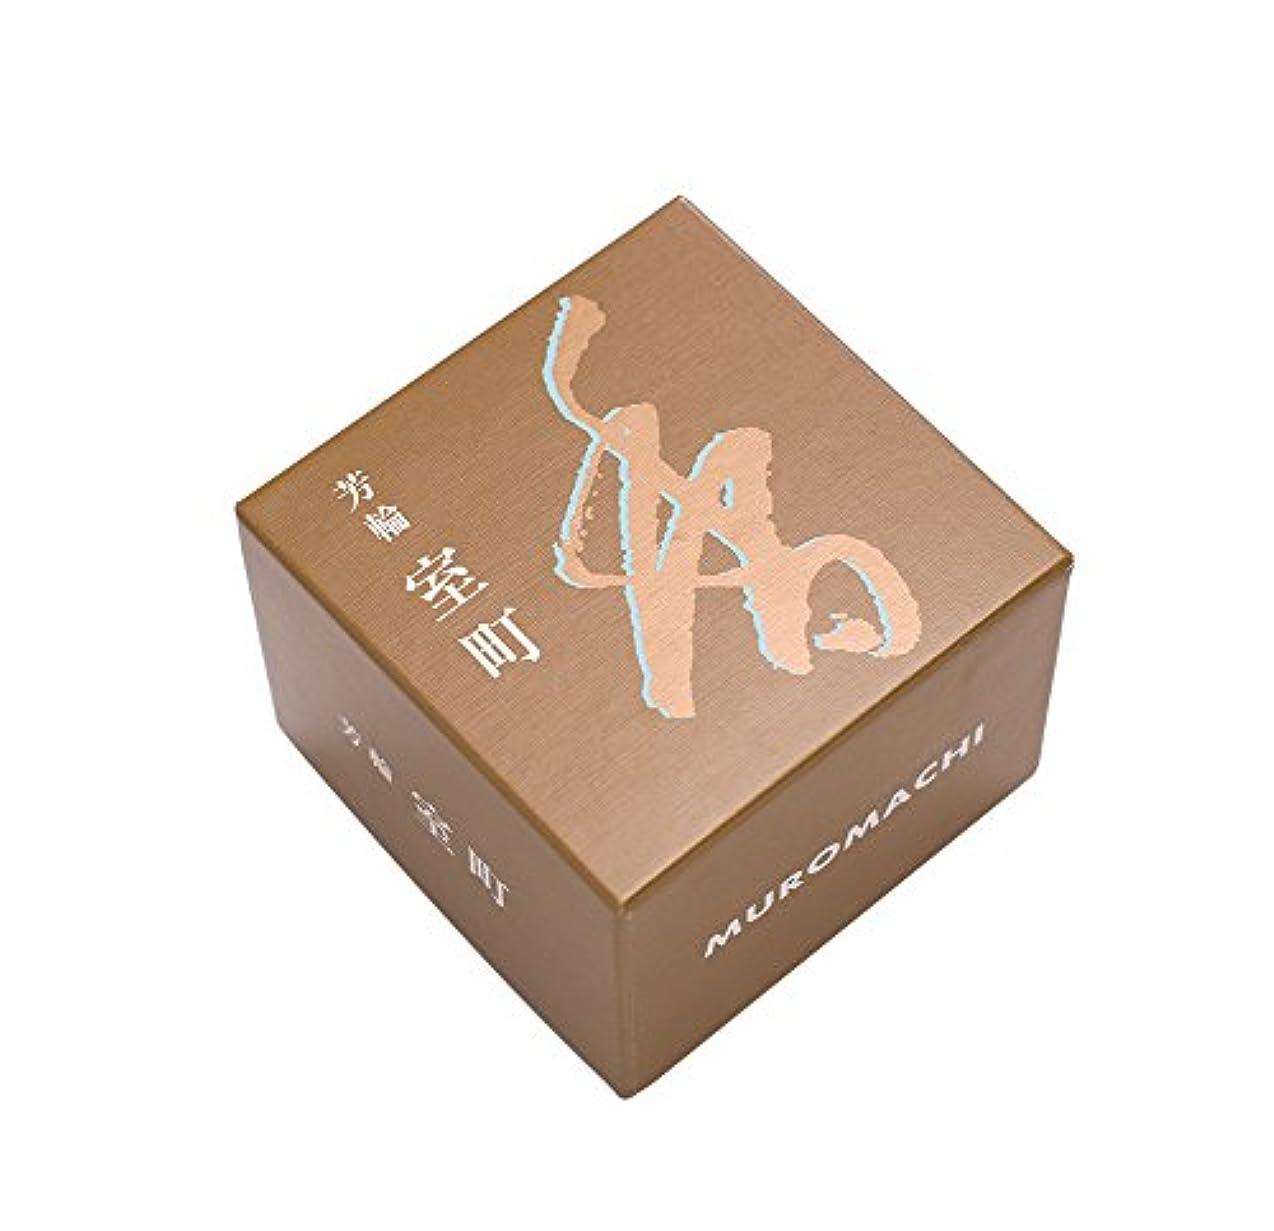 月曜最初は見つける松栄堂のお香 芳輪室町 渦巻型10枚入 うてな角型付 #210421